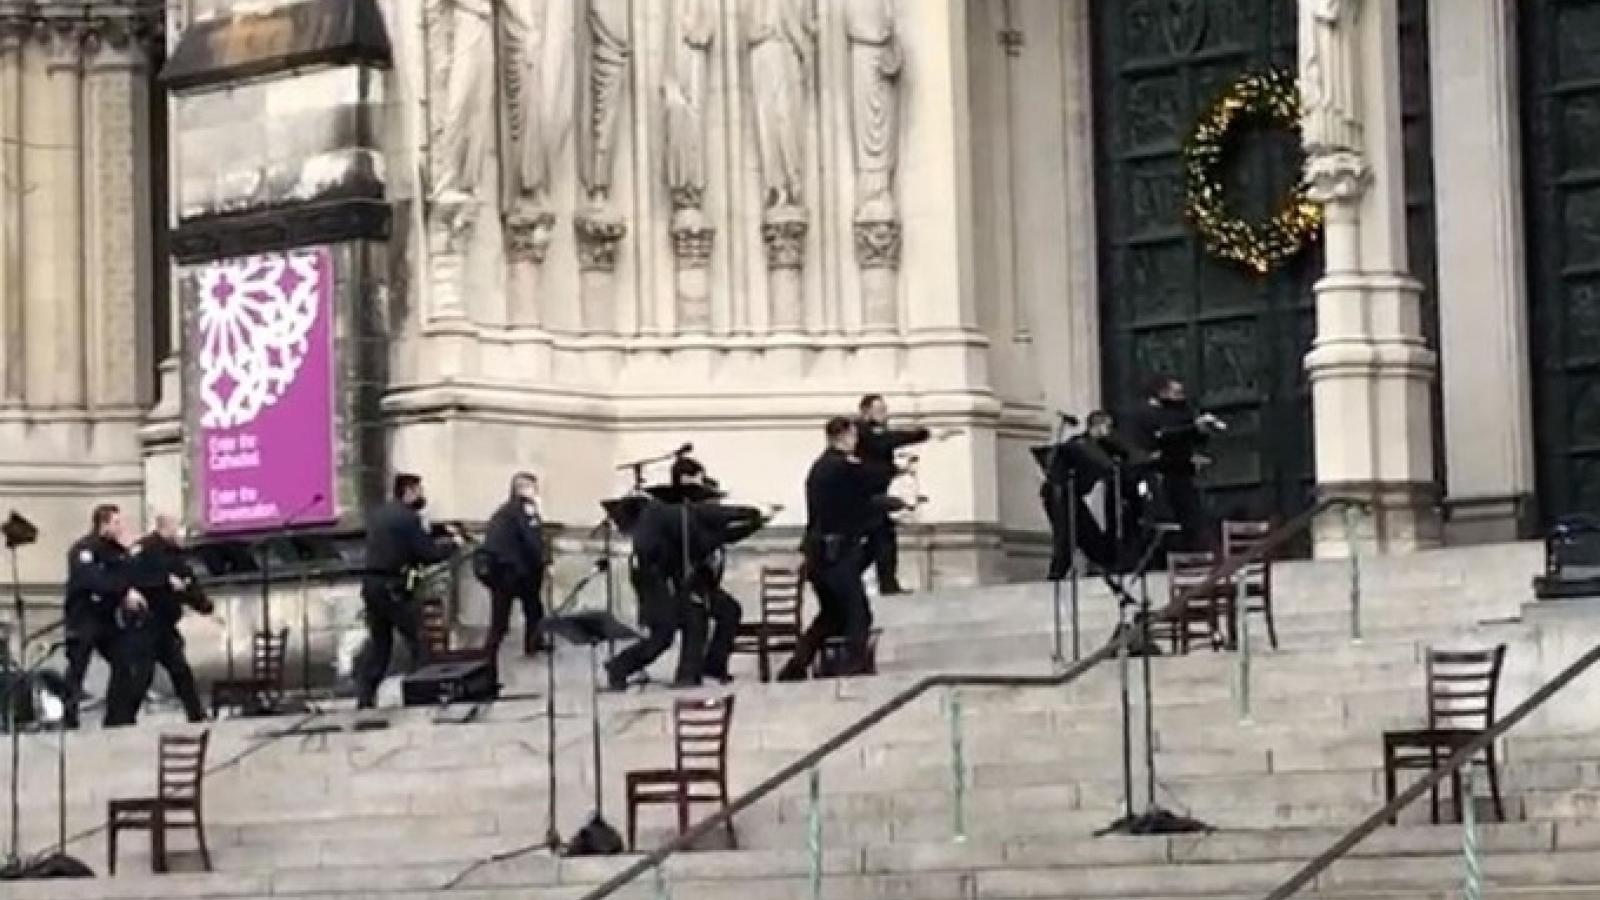 Nổ súng ngay bên ngoài một nhà thờ ở New York (Mỹ)